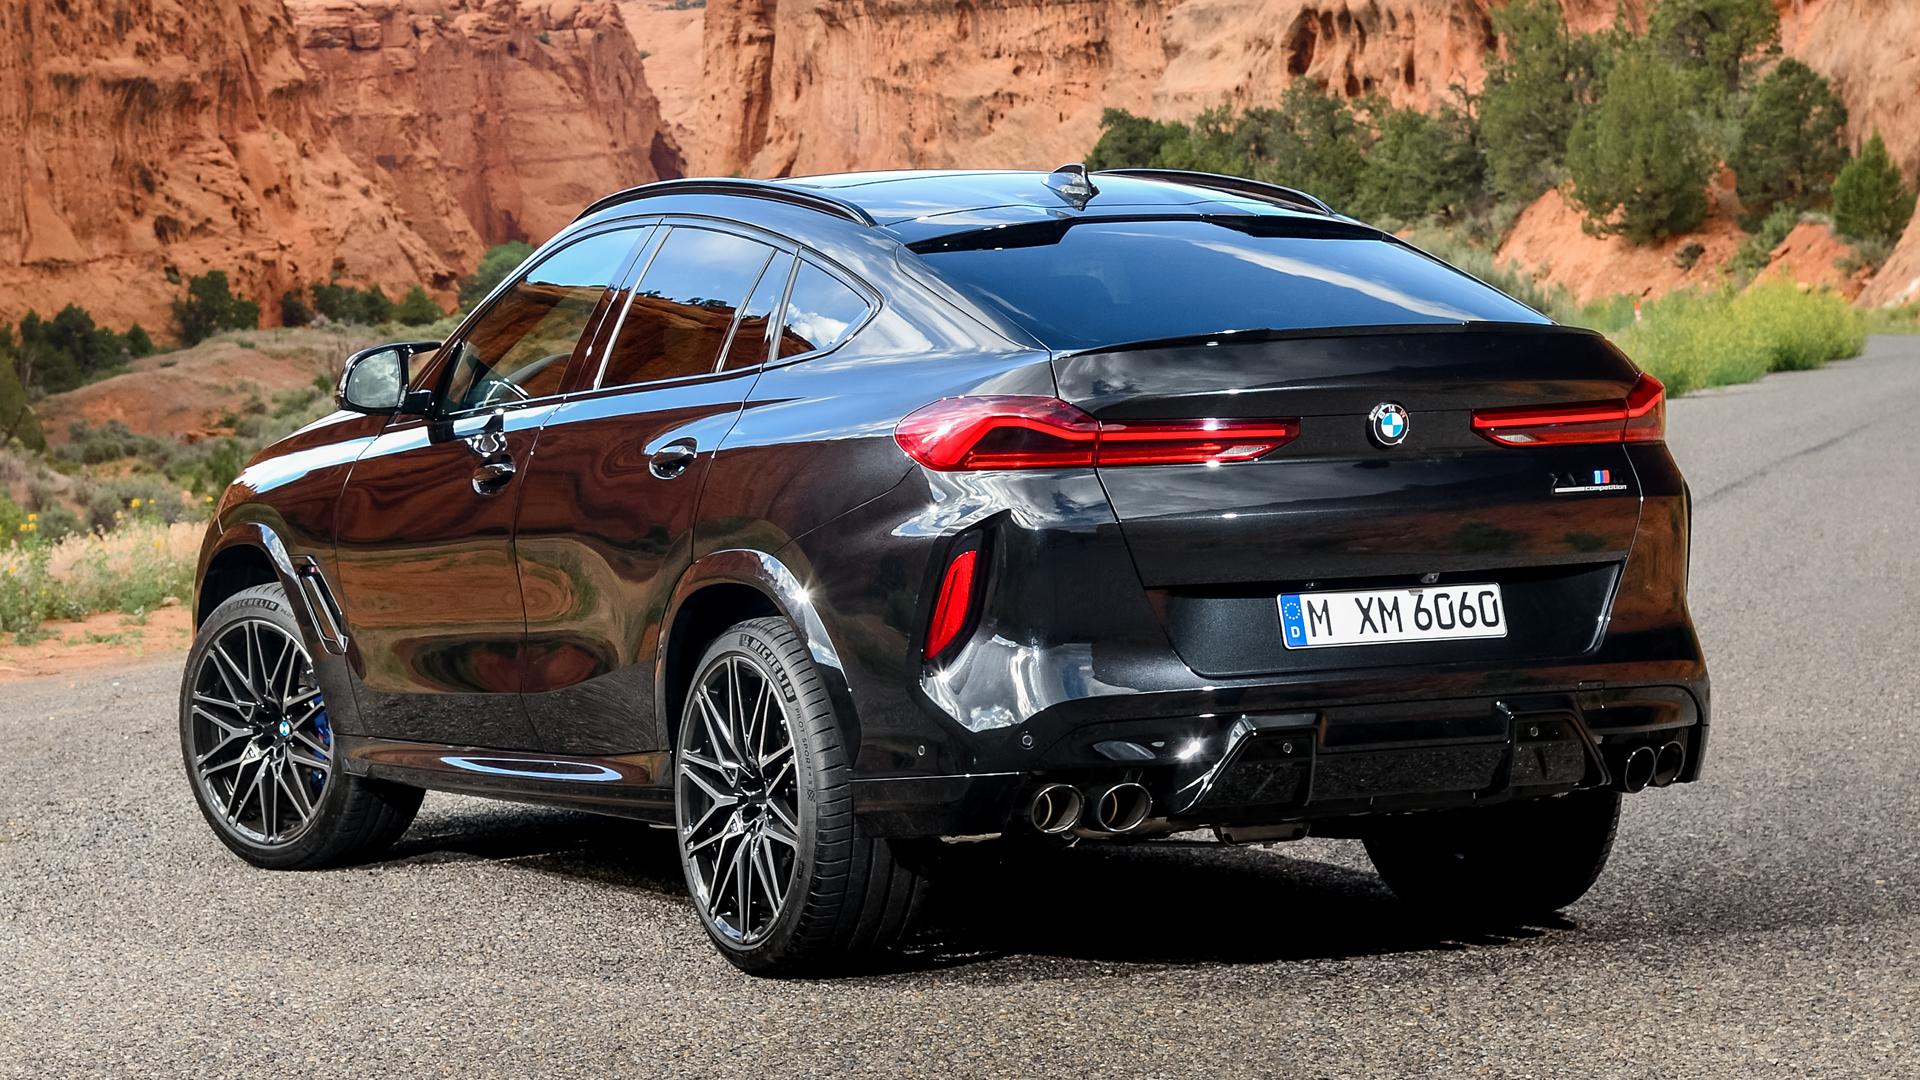 BMW X6 M 2020